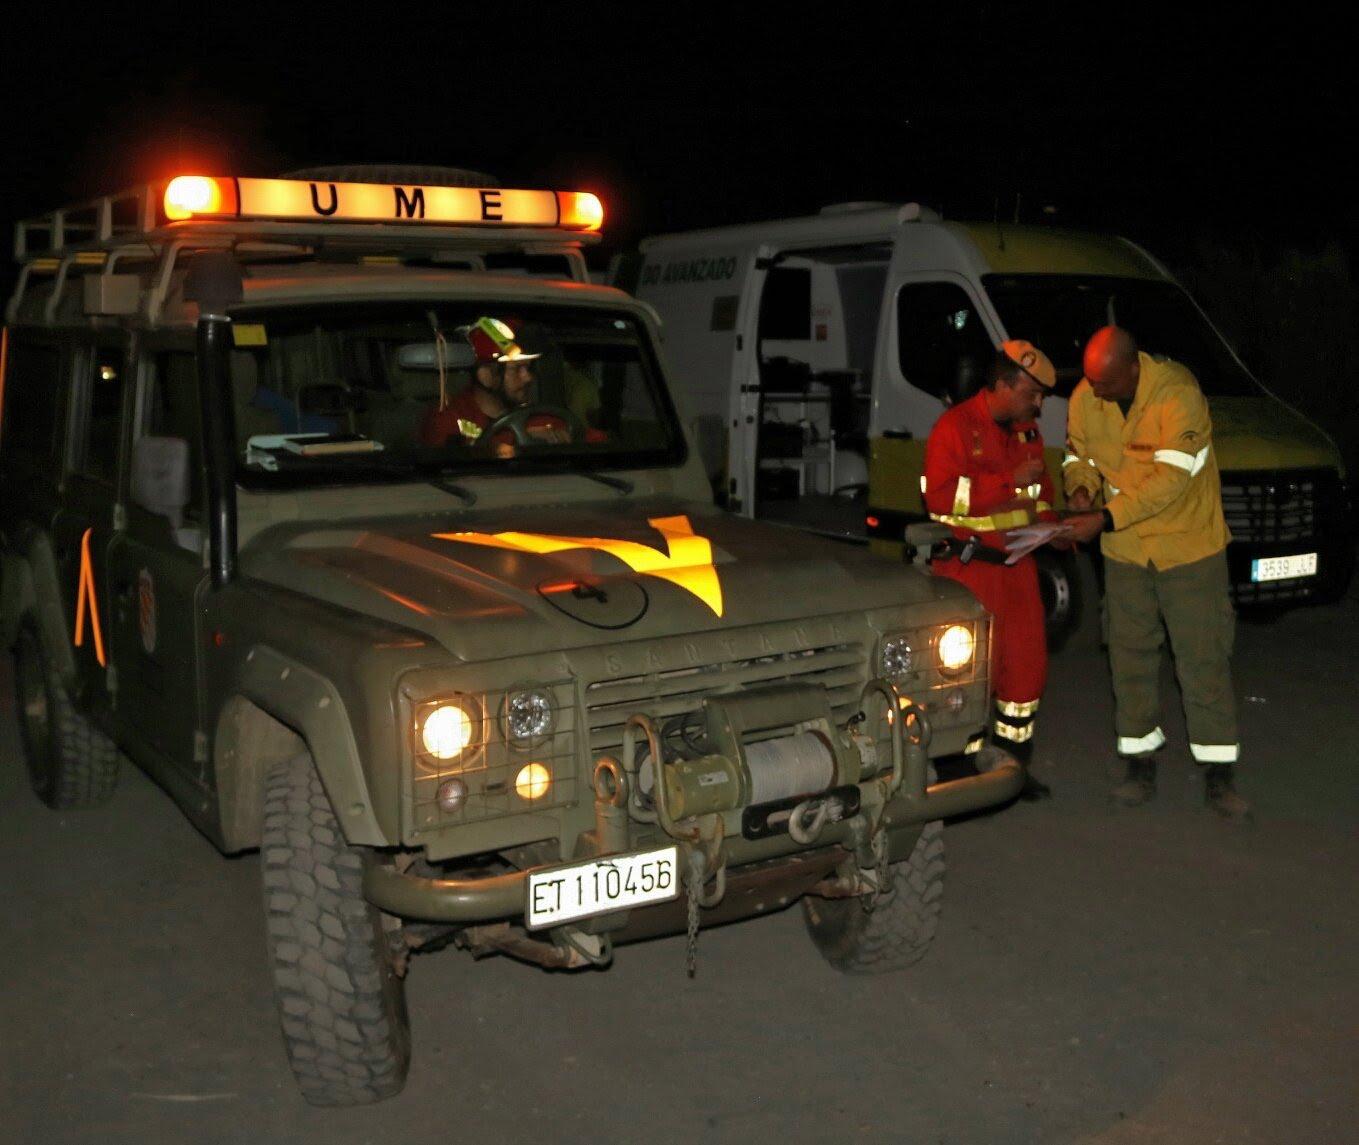 Los efectivos de la Unidad Militar de Emergencia ya se encuentran en la zona junto a los otros efectivos.